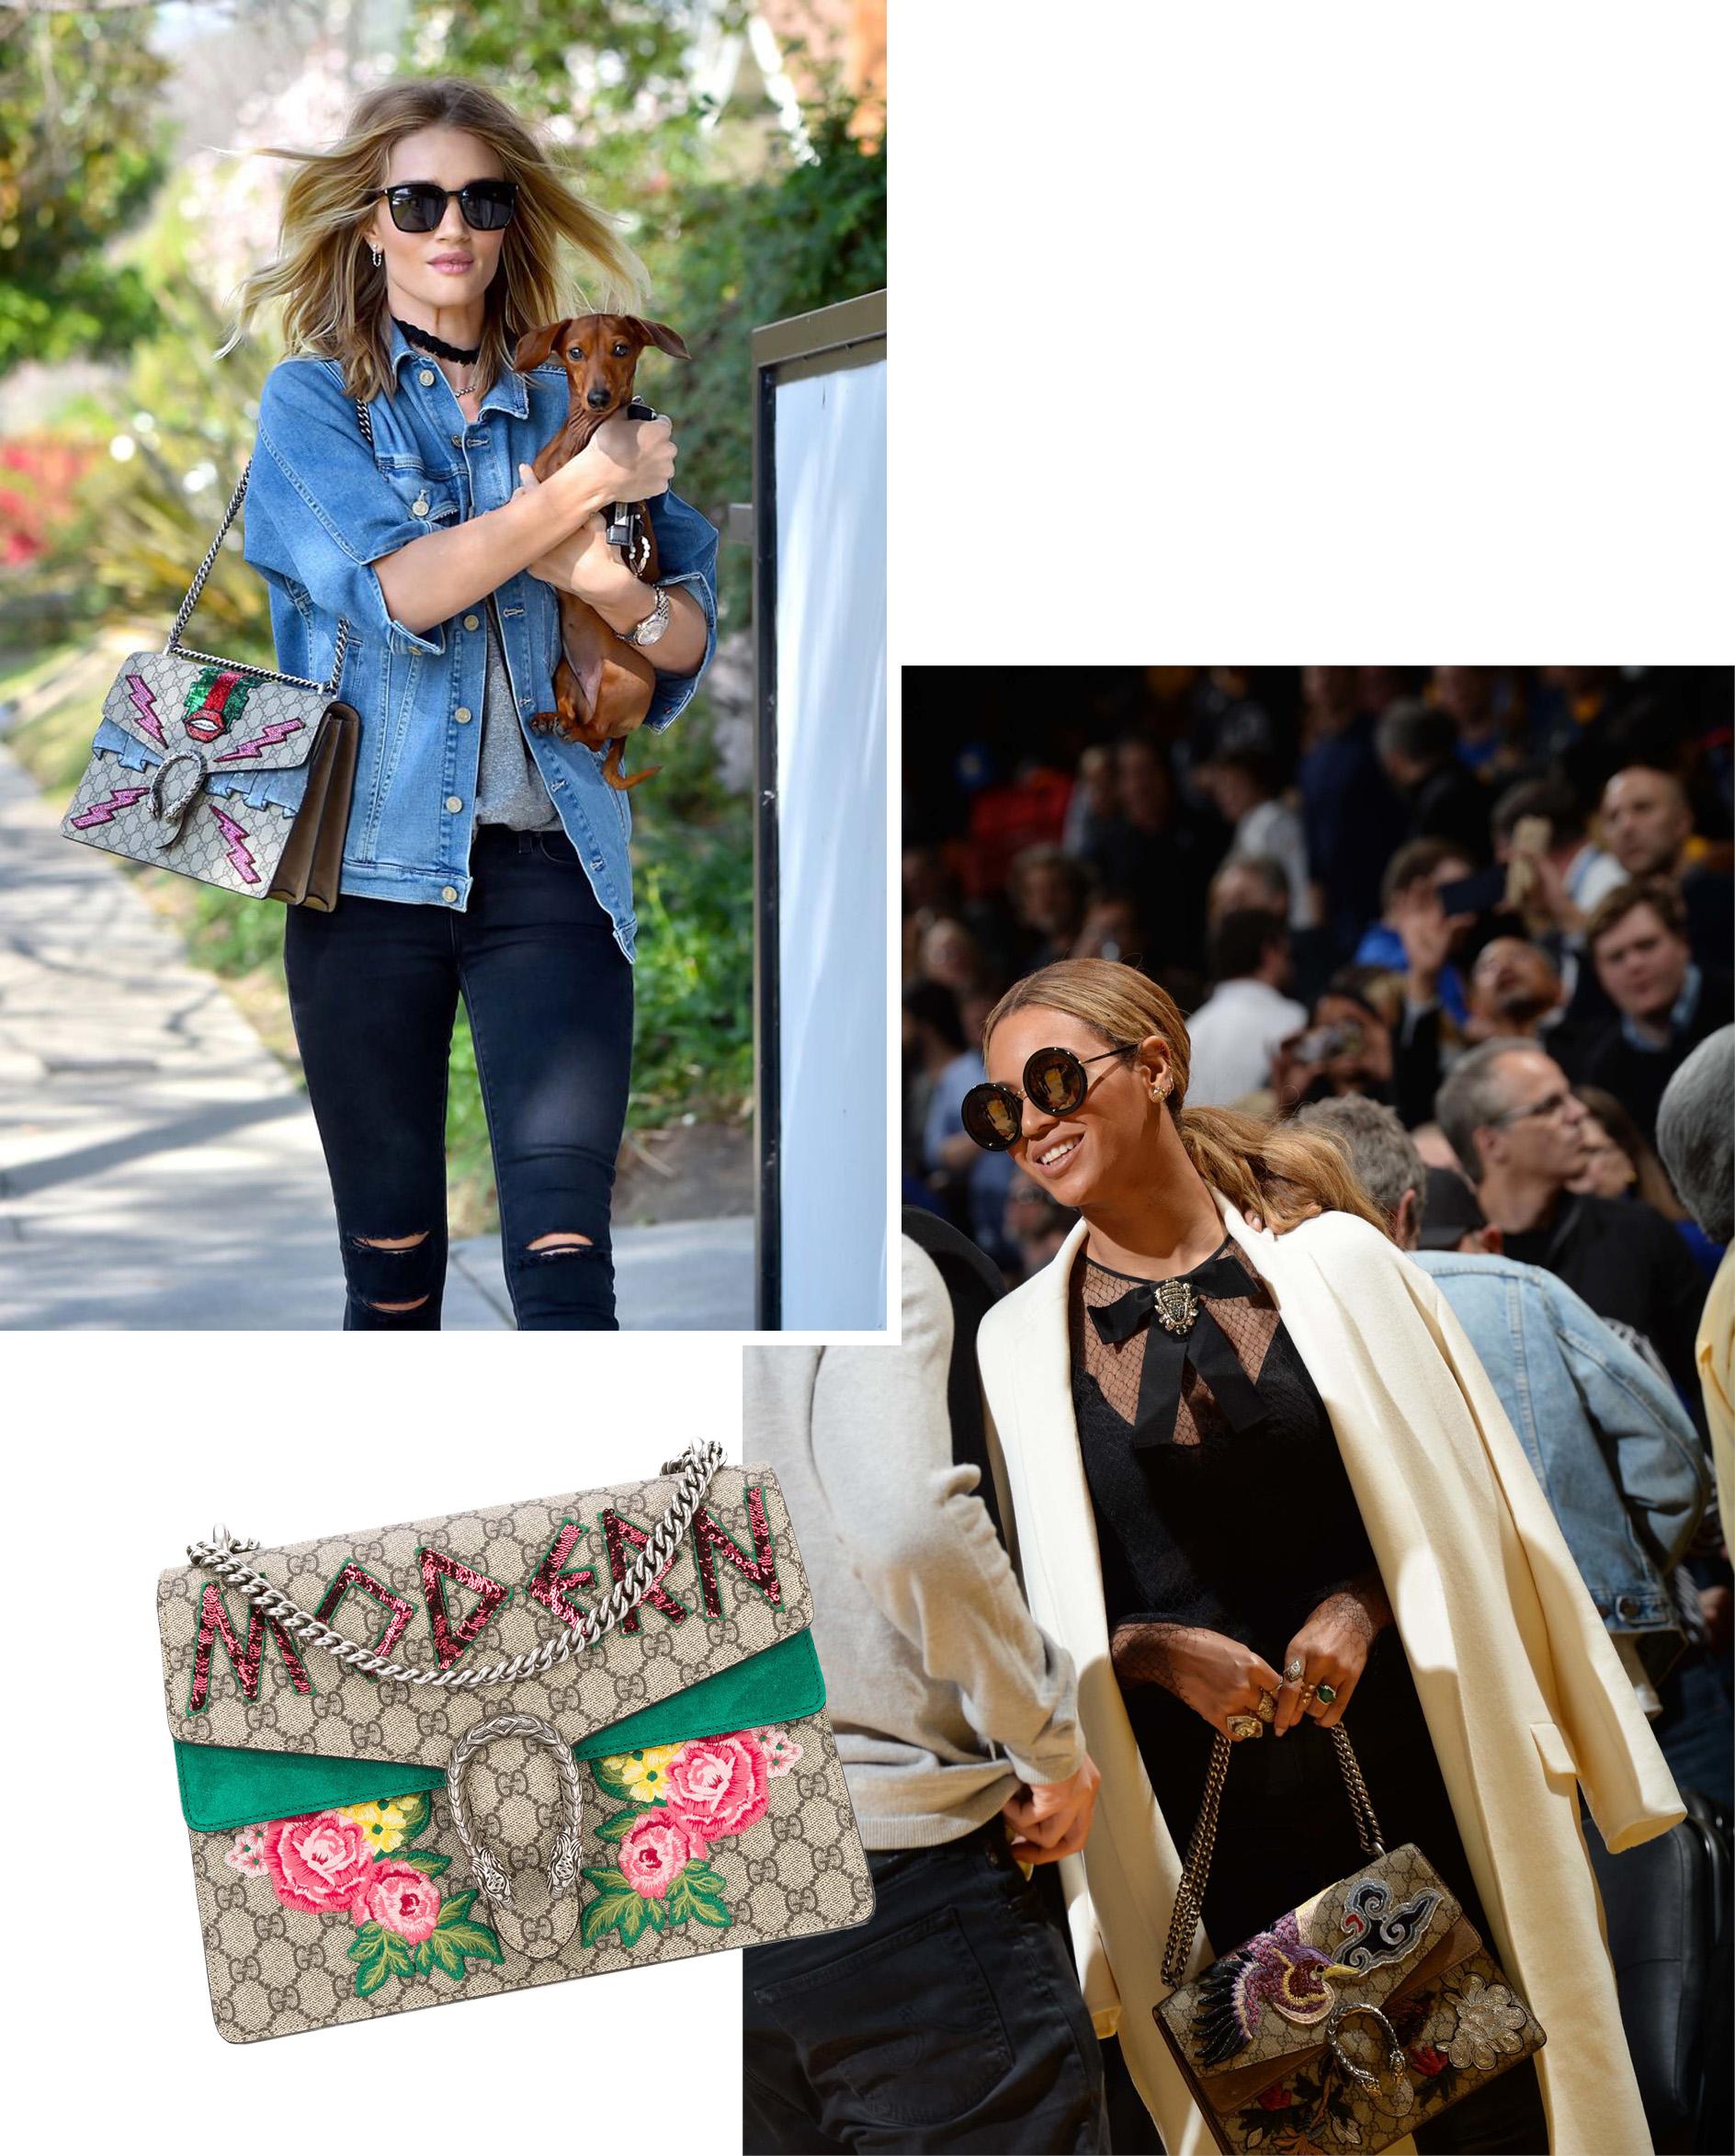 The 7 Most Iconic Handbags of the Fashion History  e48b691440fb5